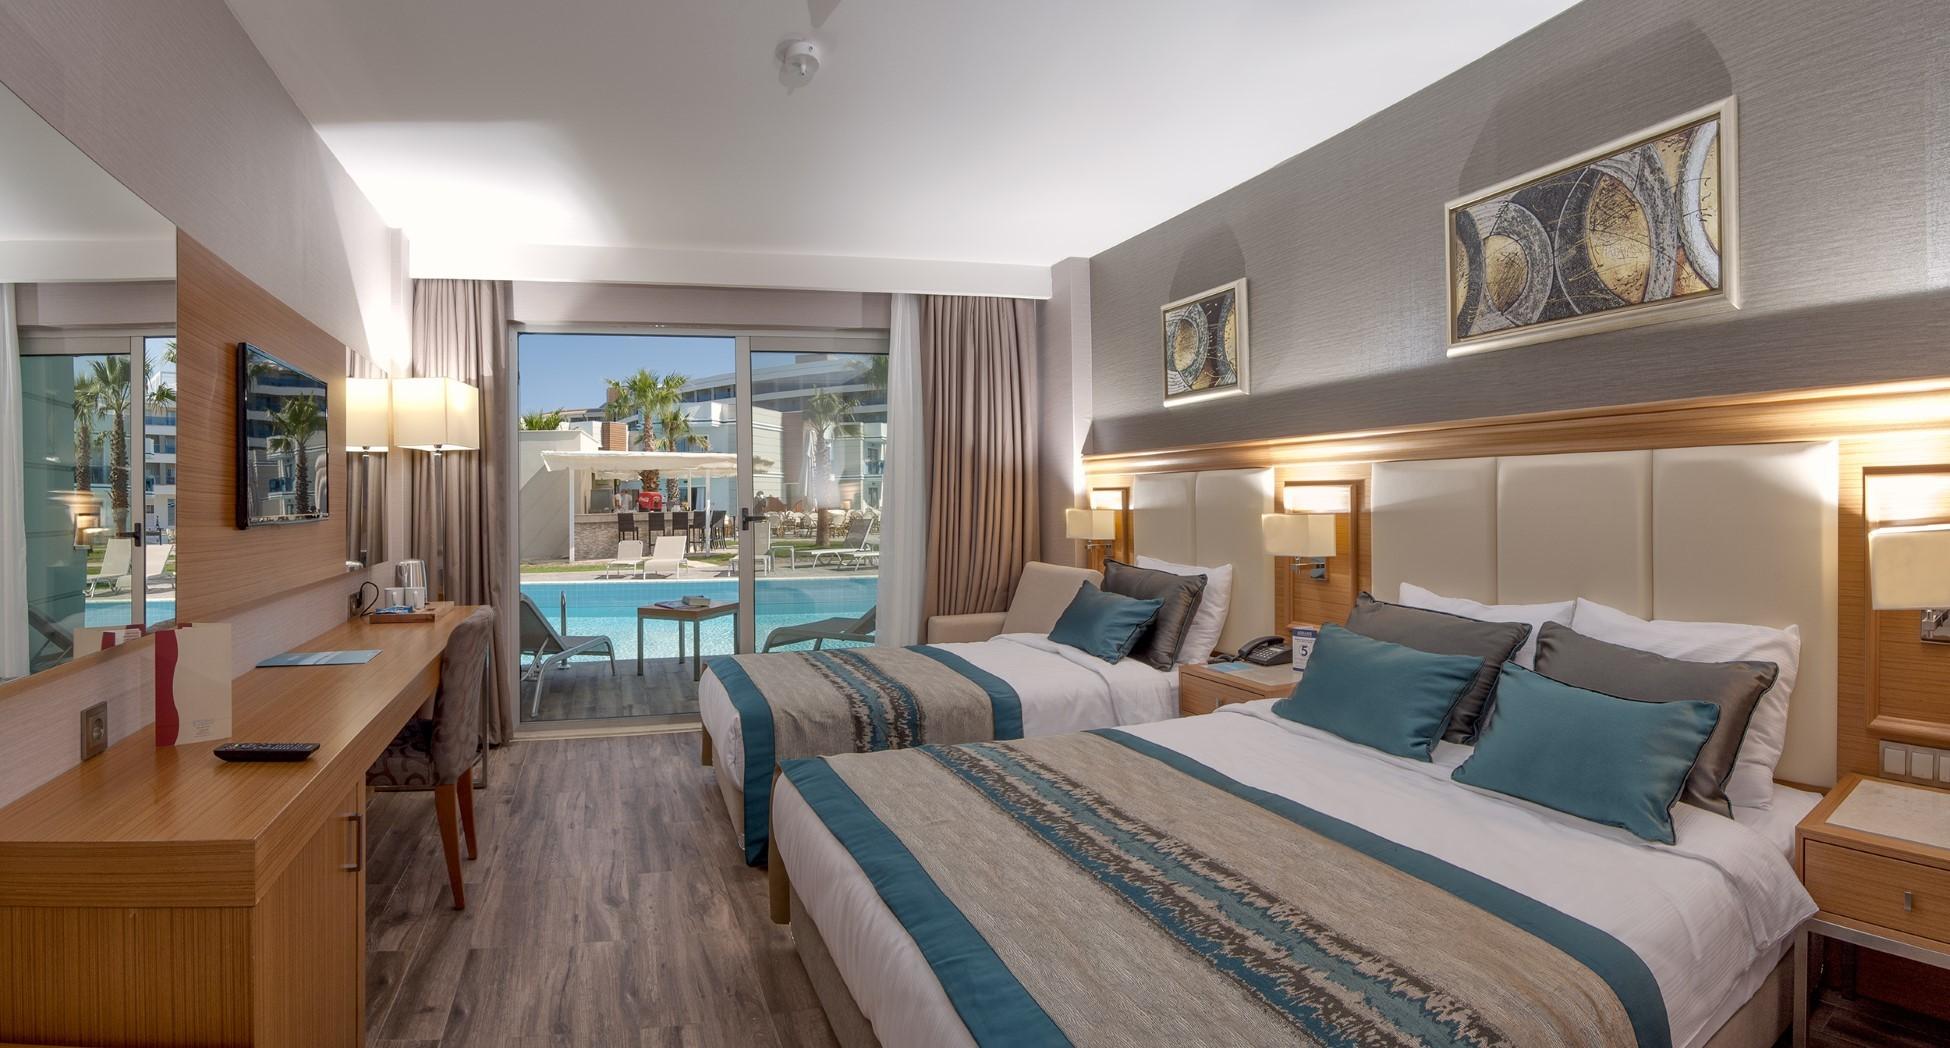 Aquasis De Luxe Resort & Spa - Swim up стая